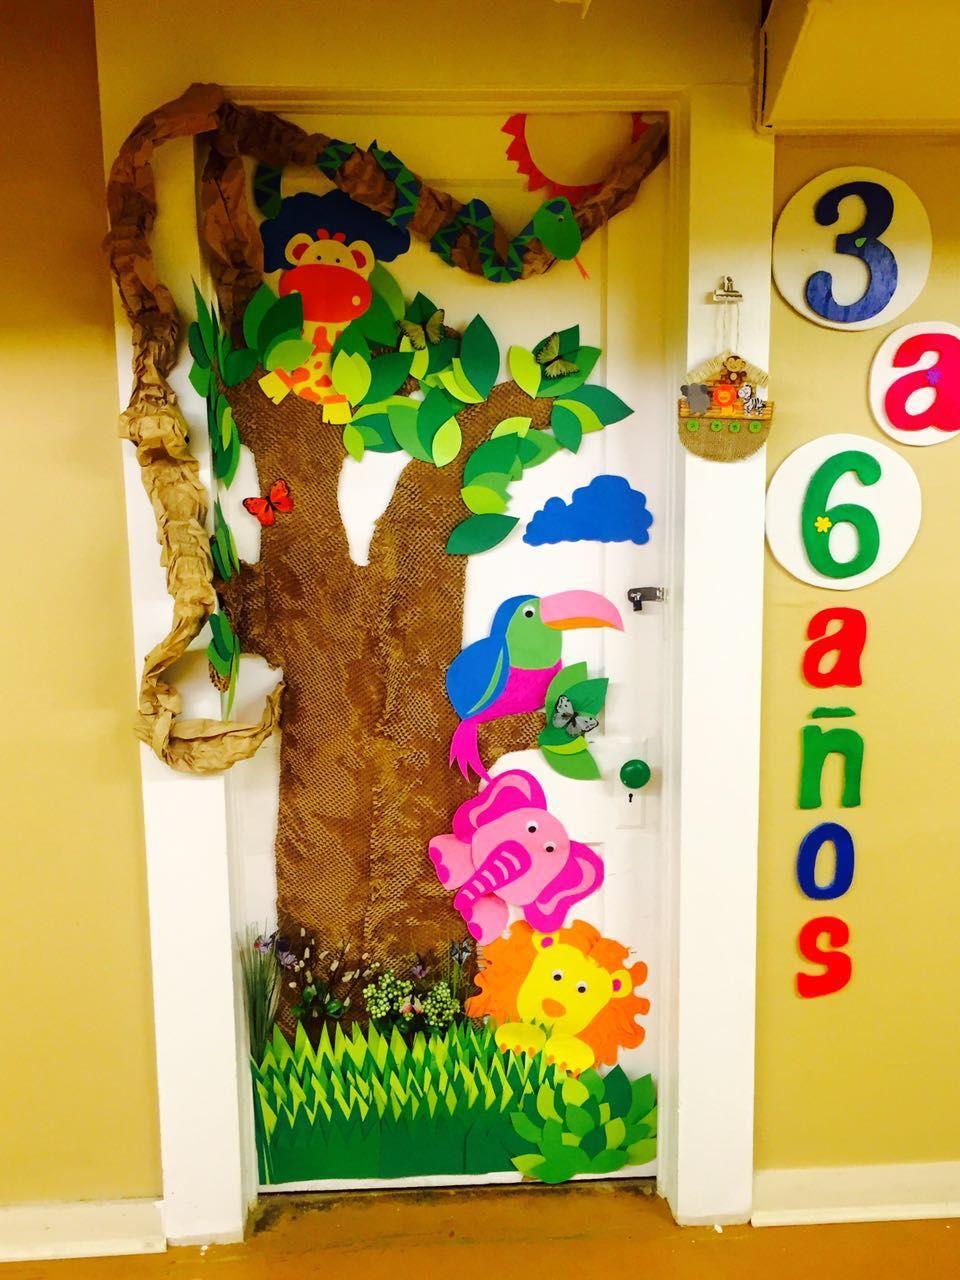 Decoraci n selva en puerta de sal n de clases for Decoracion para puertas de salon de clases